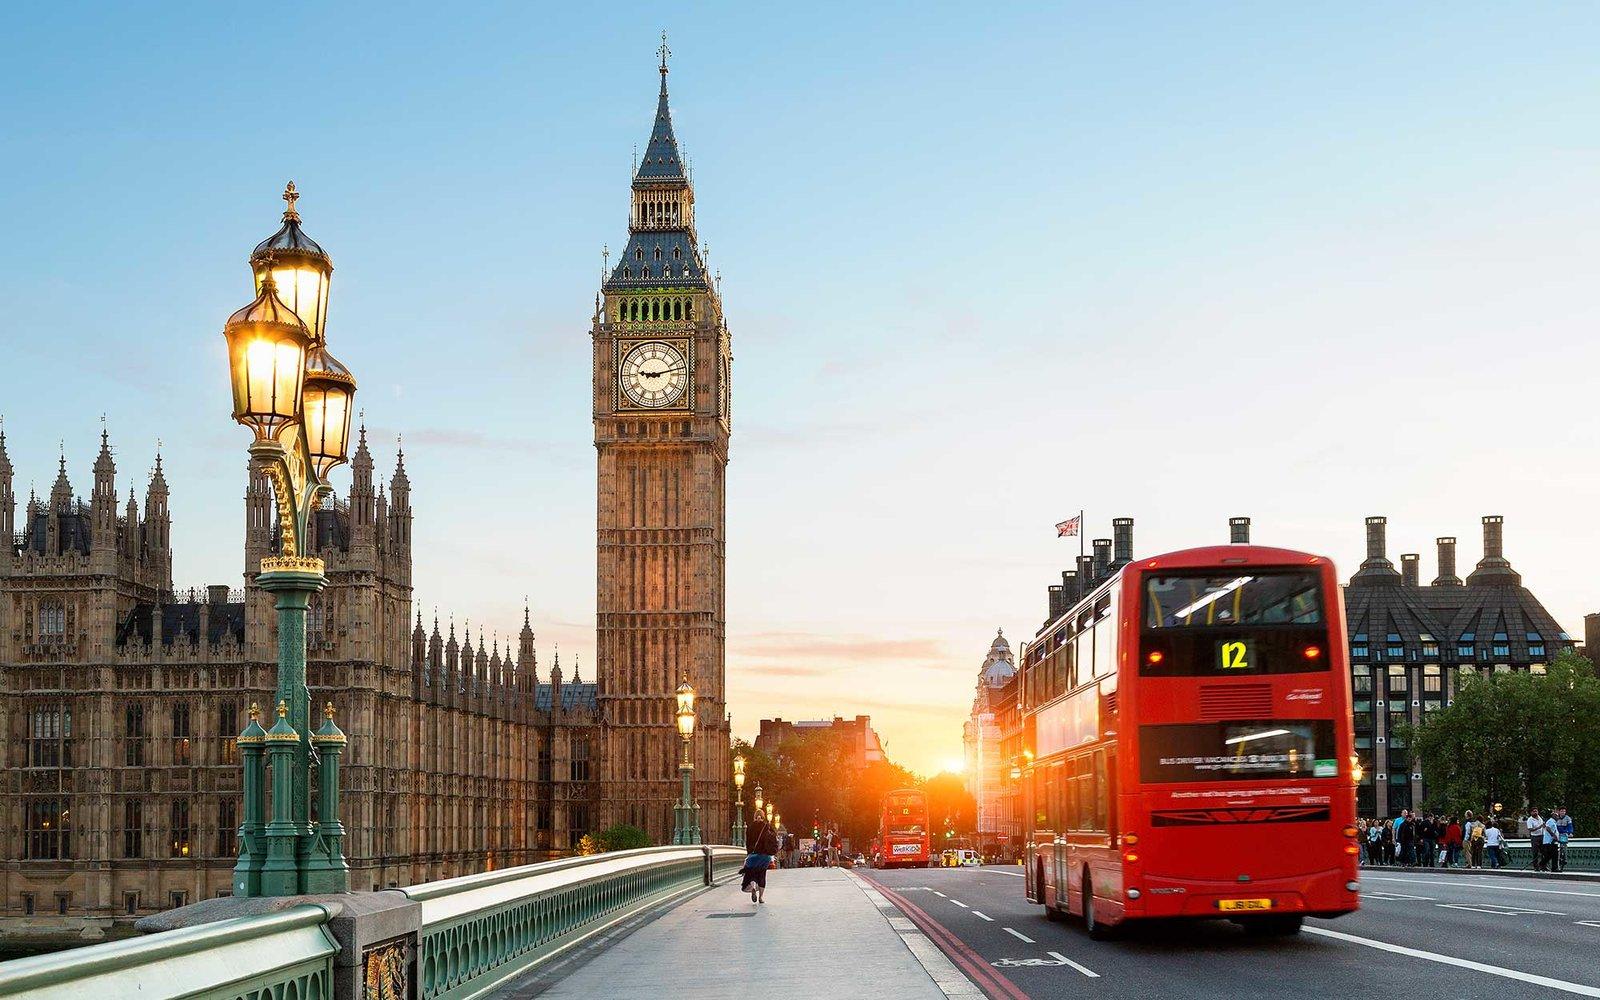 Reino Unido: Becas Para Pregrado y Posgrado en Varios Temas University of West London